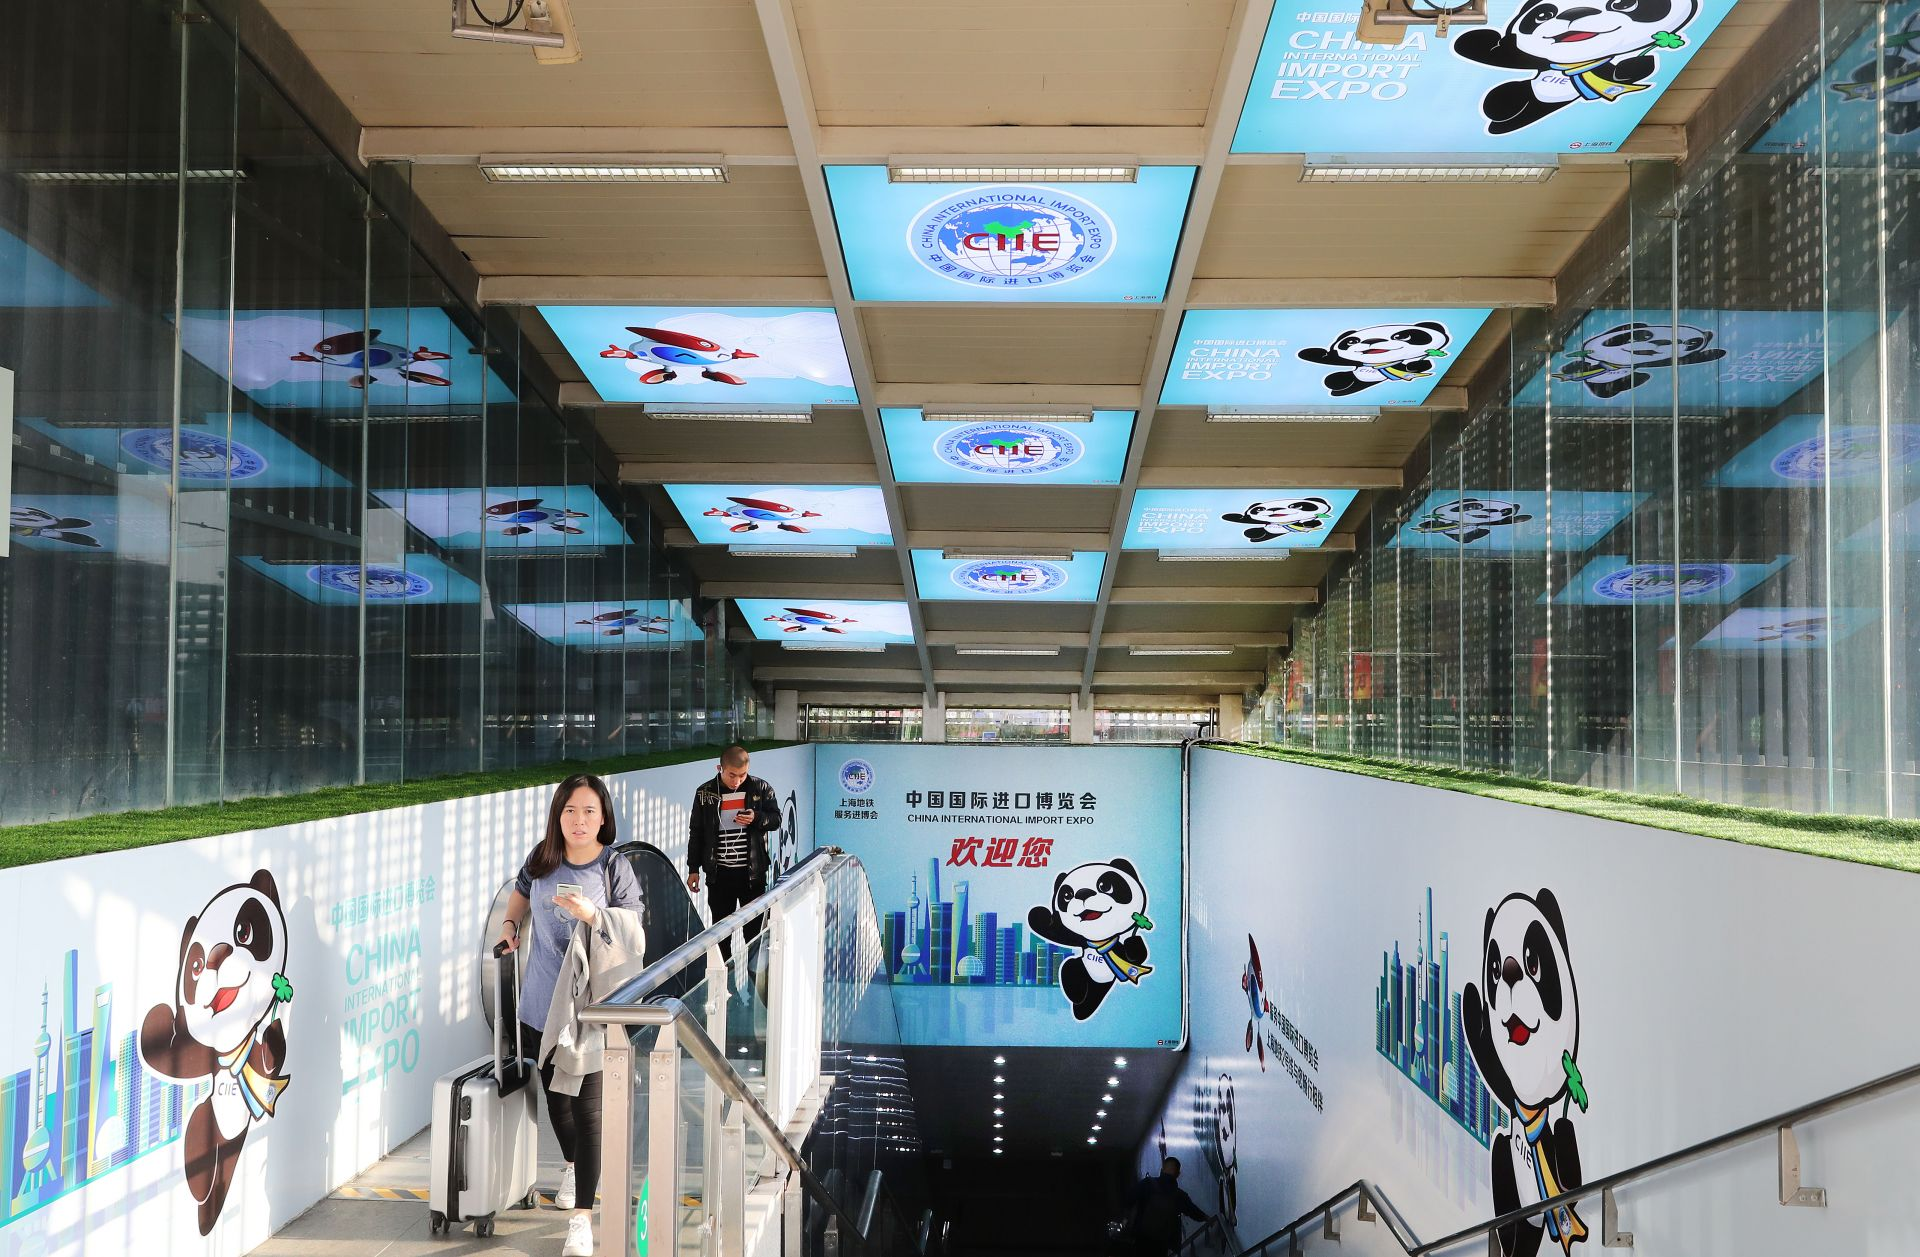 位于国家会展中心(上海)的地铁站出入口装饰着进博会元素(10月21日摄)。    当日,第二届中国国际进口博览会国家展参展国名单公布。据悉,国家展总面积3万平方米(建筑面积),将有来自世界各地60余个国家和3个国际组织搭建展台,展示贸易投资领域的发展状况和成就。目前,进博会场馆装饰施工工作正在进行,国家会展中心(上海)将以全新面貌迎接各国嘉宾的到来。    新华社记者 方喆 摄